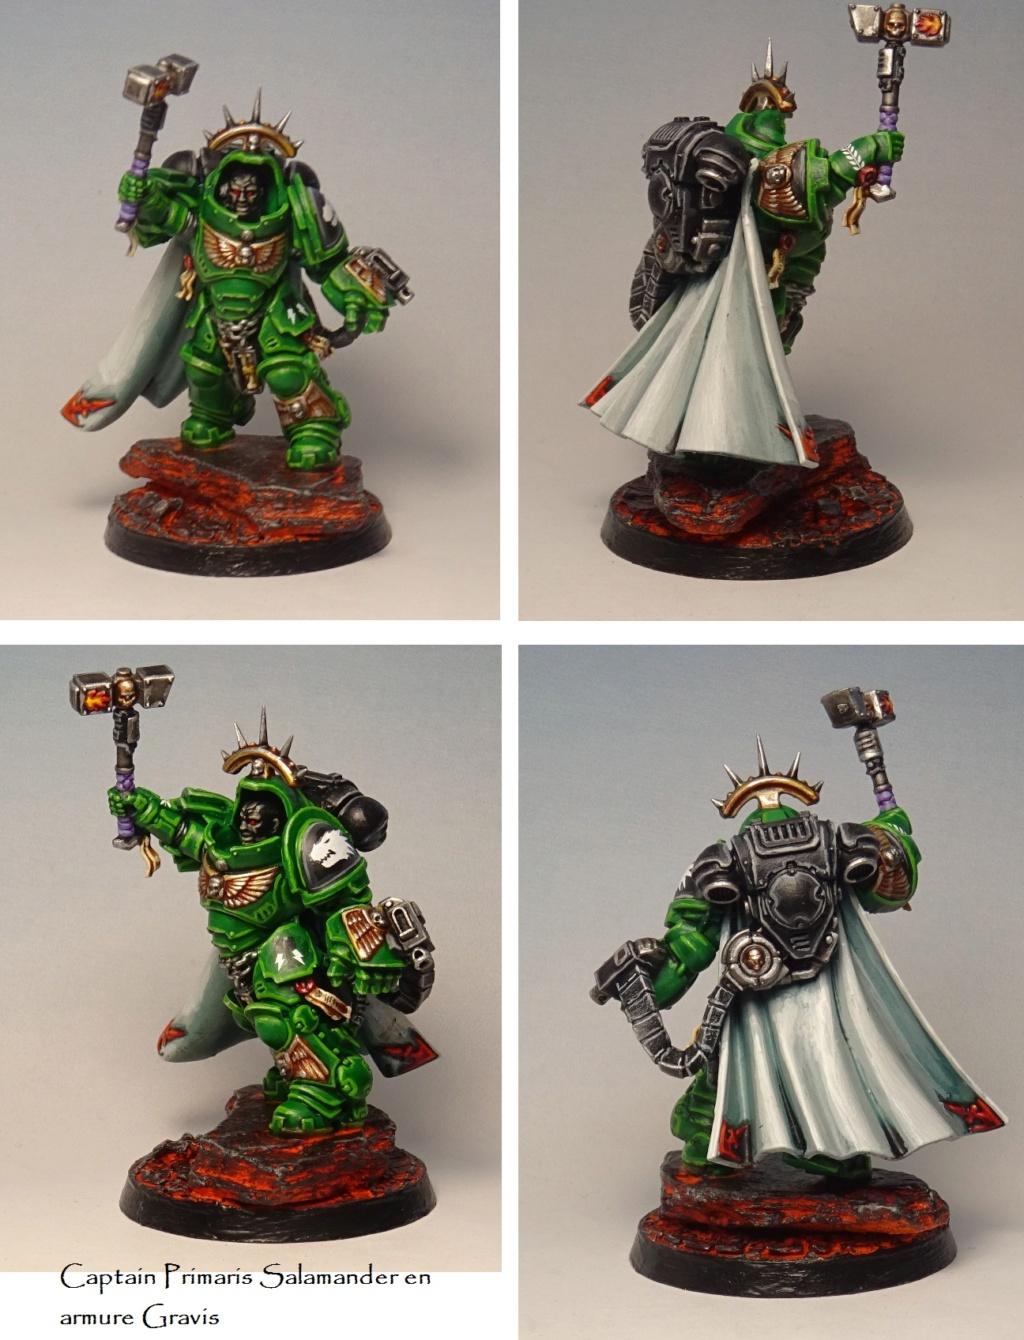 Warhammer et moi! - Page 5 Cptpri10